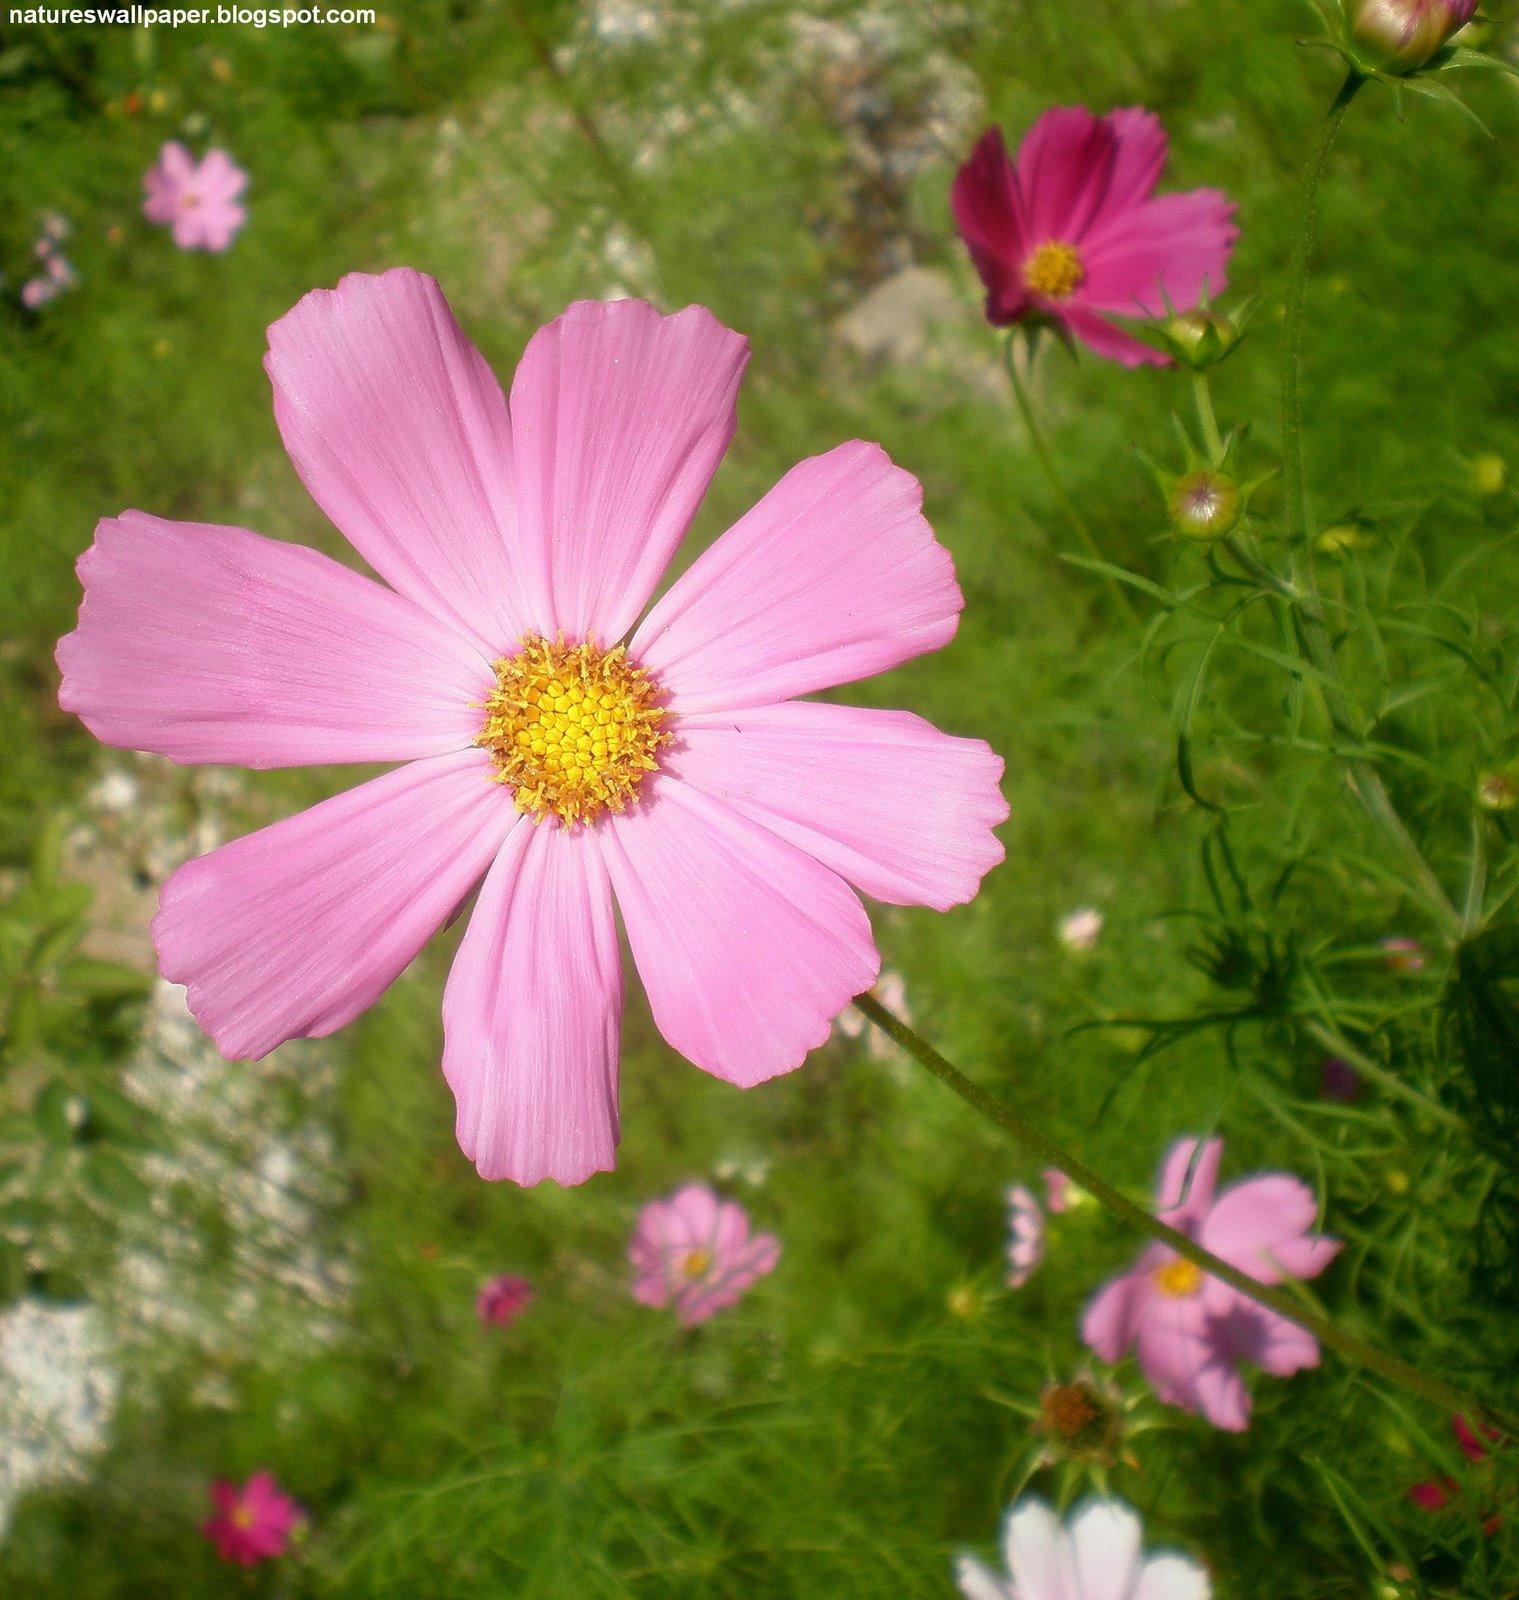 http://4.bp.blogspot.com/_ZWw3x1gj3hQ/TJoQr_mworI/AAAAAAAAIoM/xD5DUCjMksM/s1600/Cosmos+Flowers.jpg